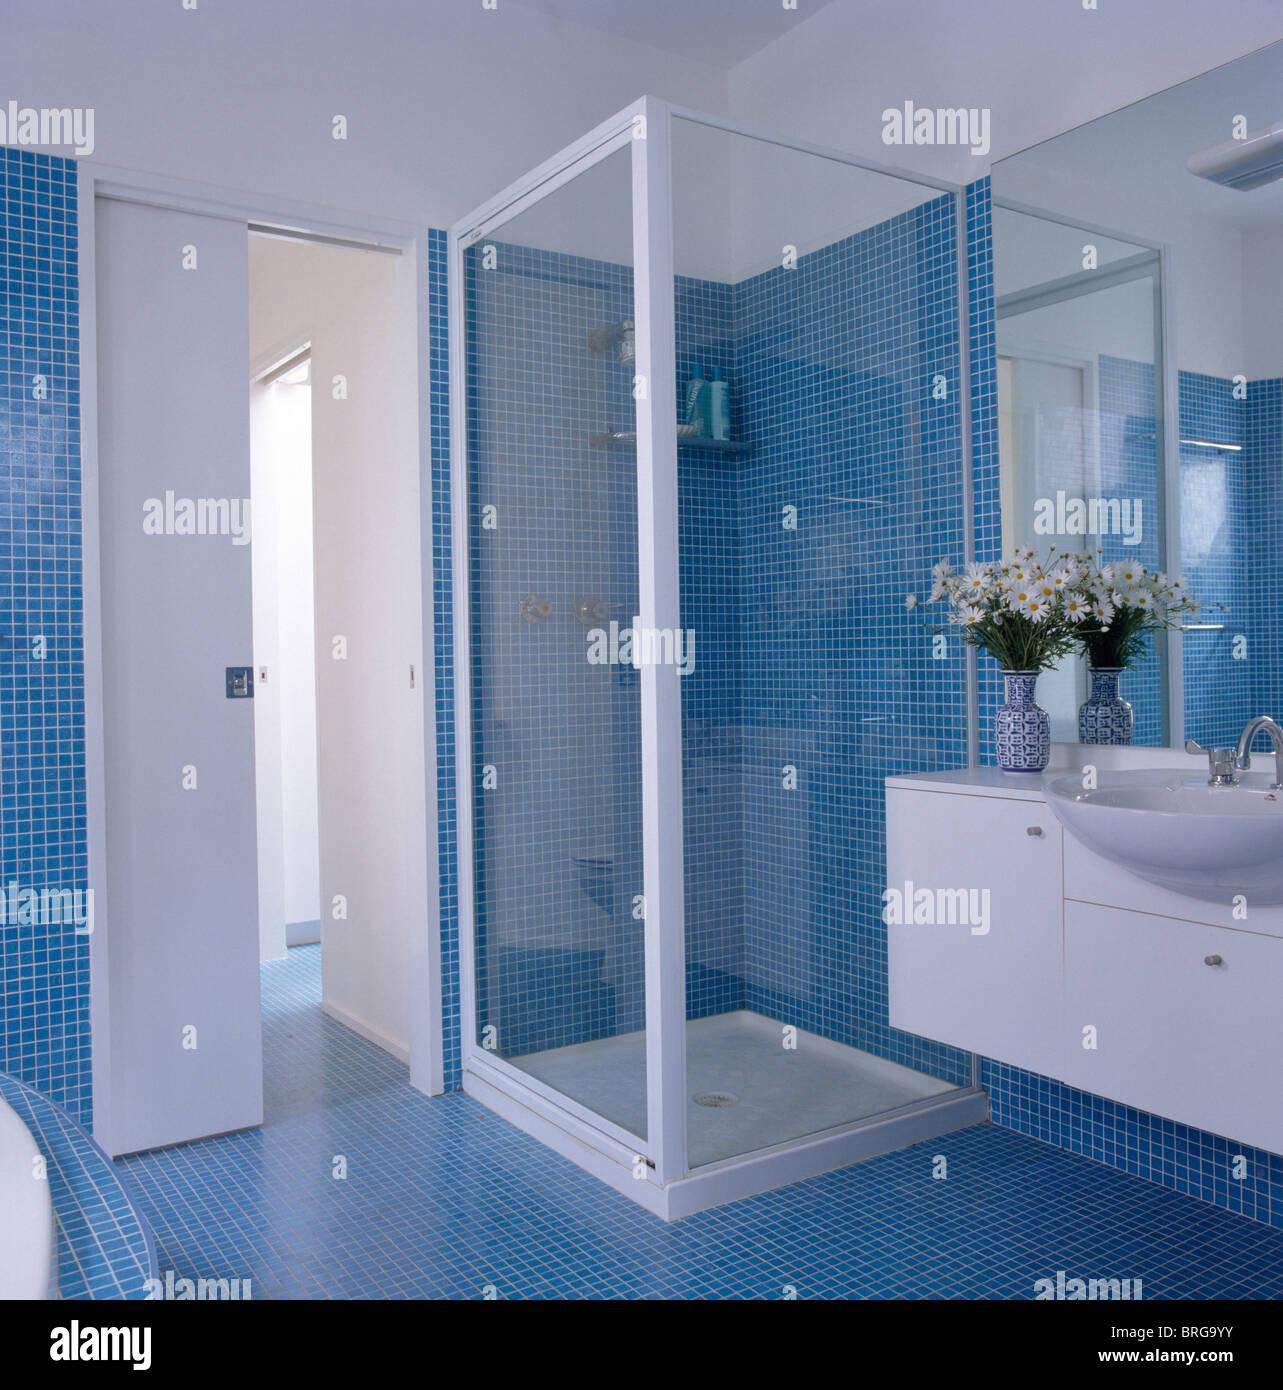 Mosaico blu pareti in piastrelle e pavimento di bagno moderno con doccia in vetro mobile foto - Mosaico pavimento bagno ...